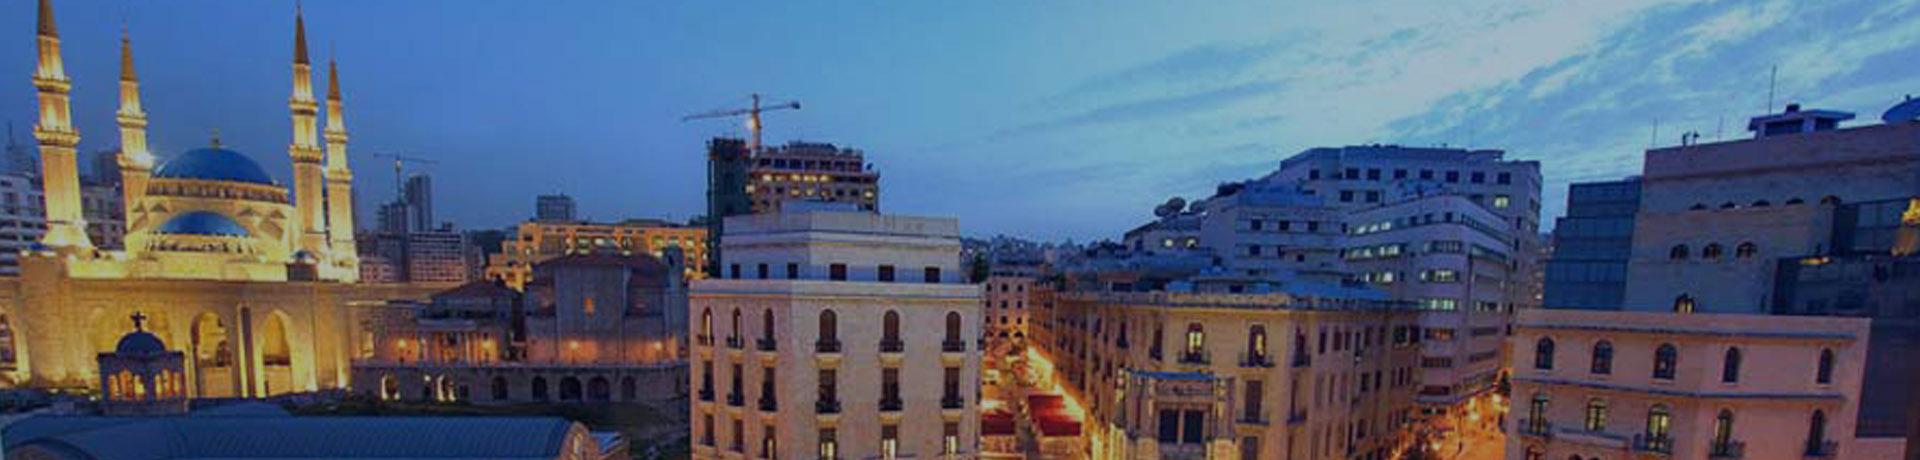 Ville de Beyrouth à la nuit tombée